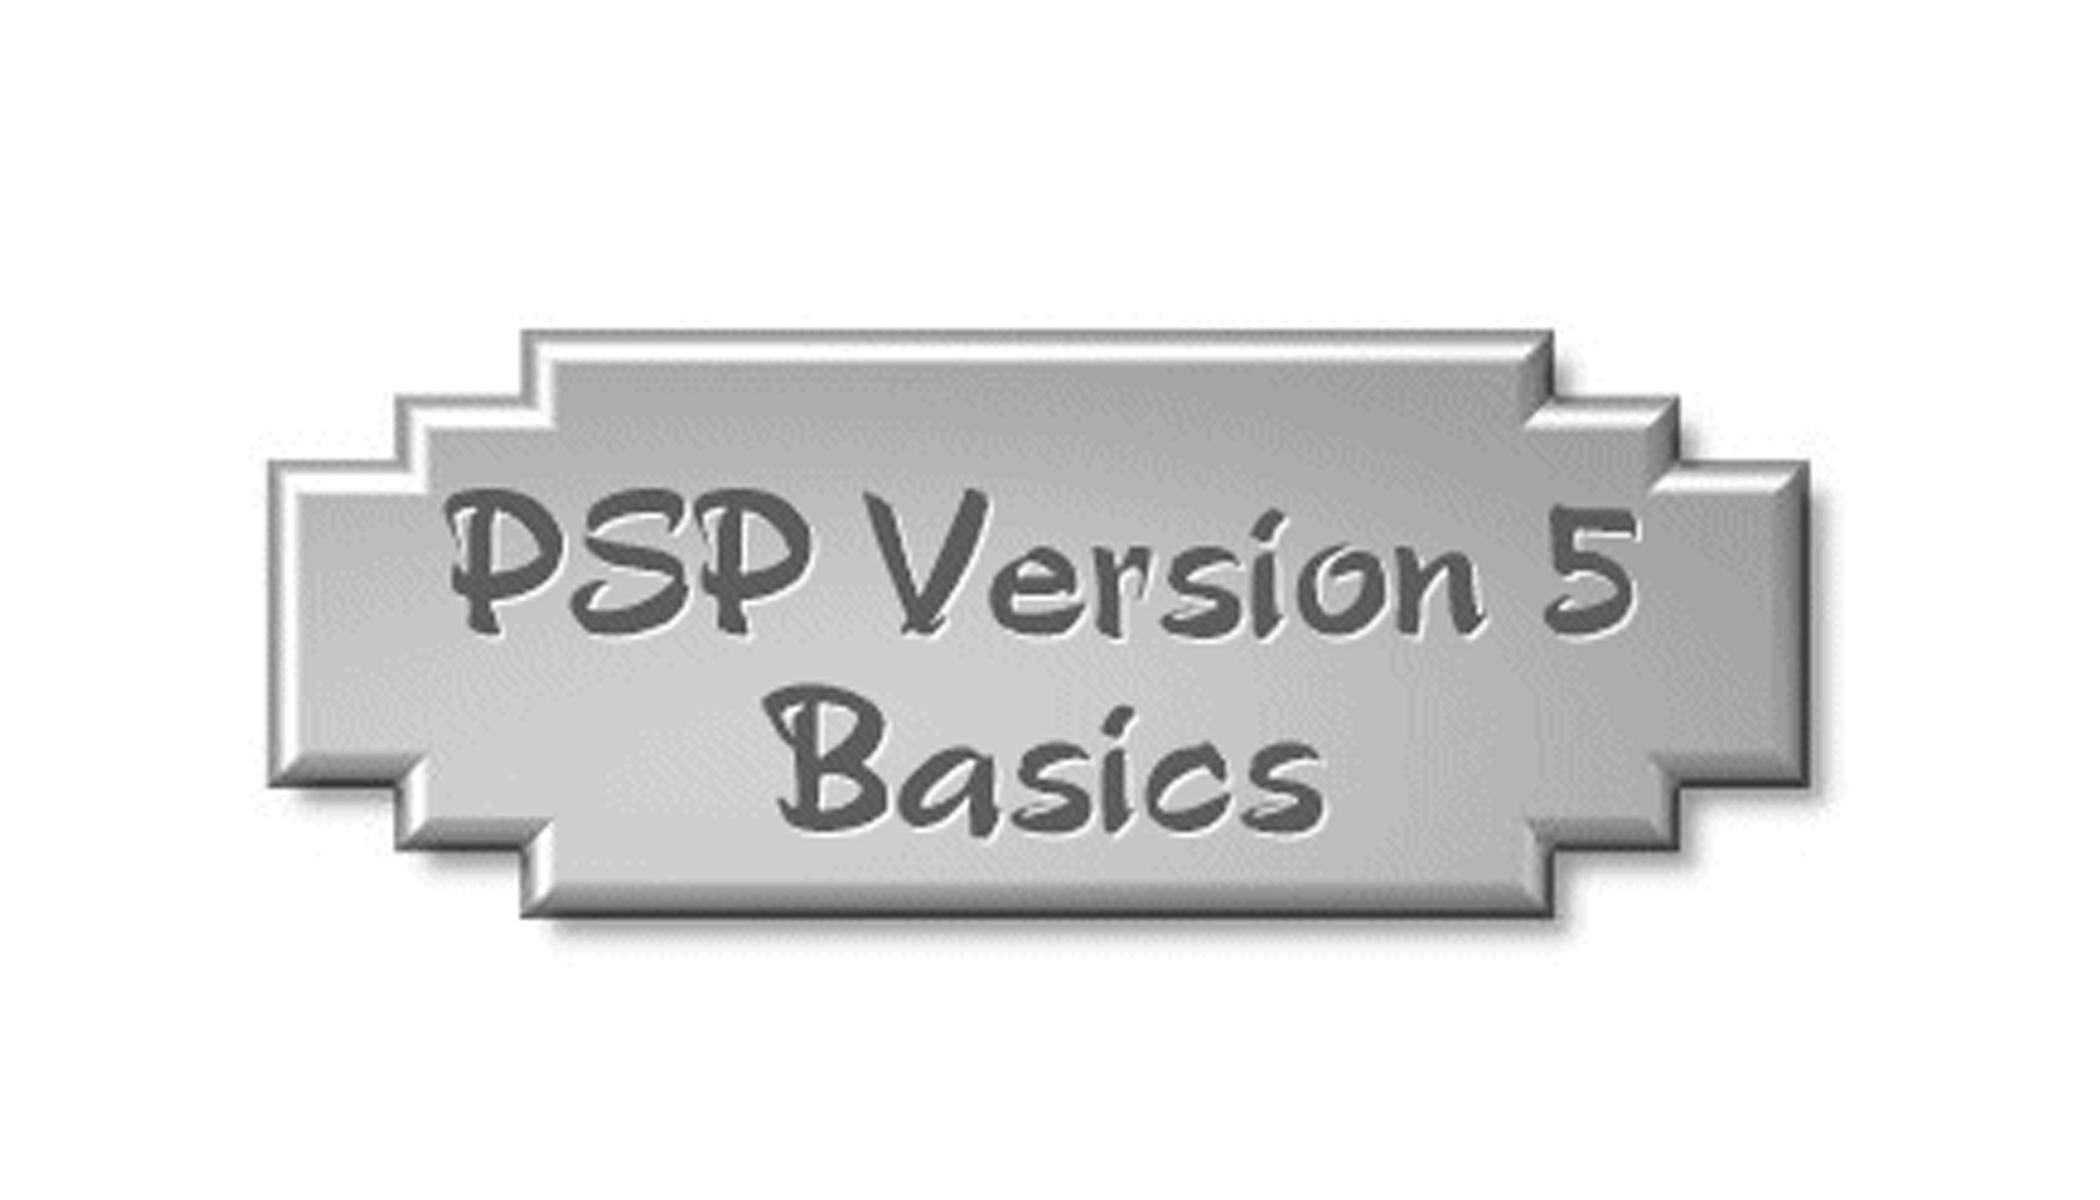 PSP Version 5 Basics